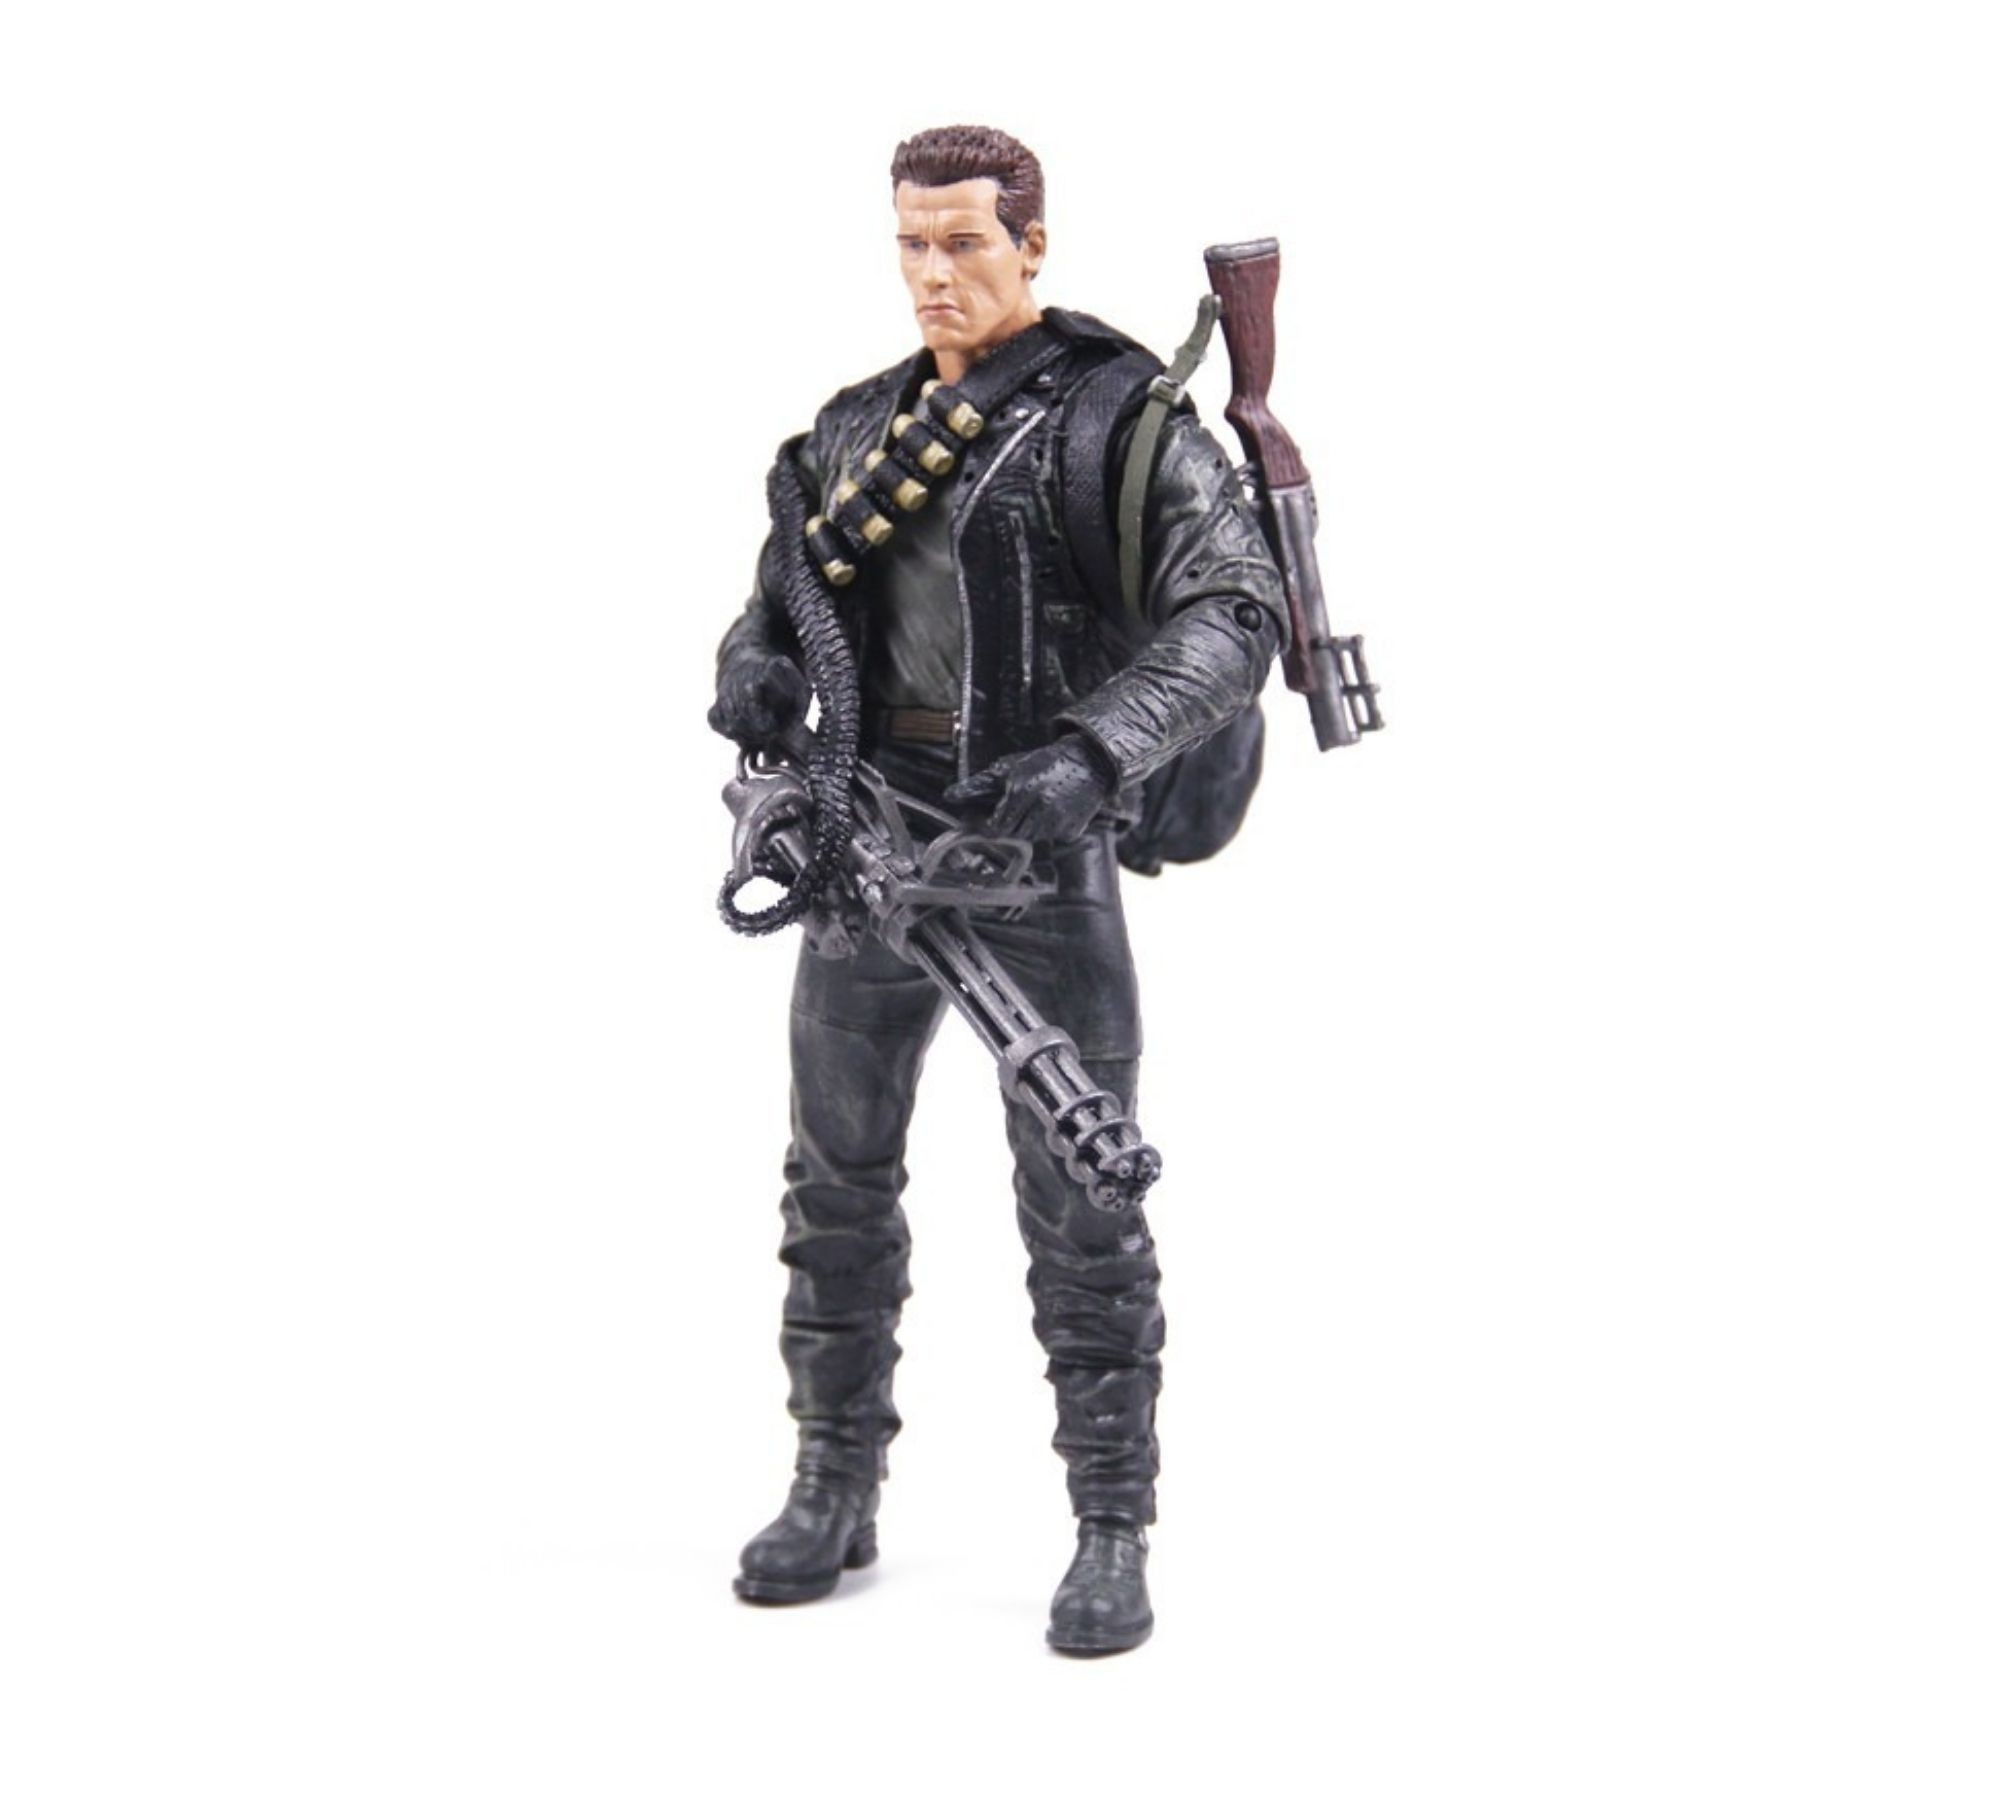 Boneco Terminator T 800 Cyberdyne Showdown Exterminador Neca   - Game Land Brinquedos